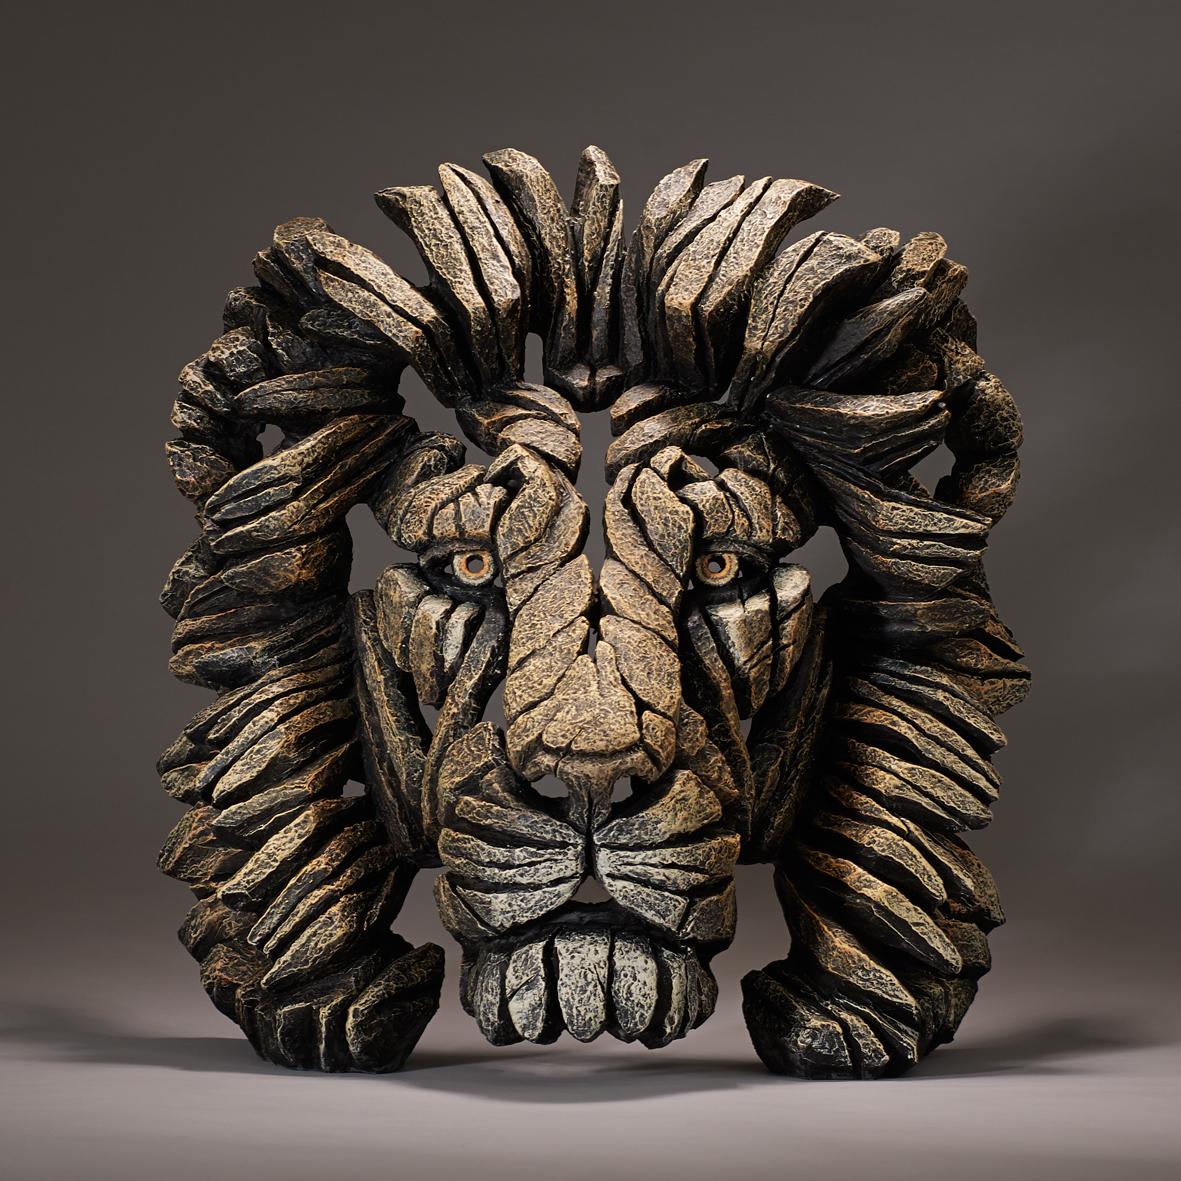 Lion Bust - Savannah by Edge Sculptures by Matt Buckley